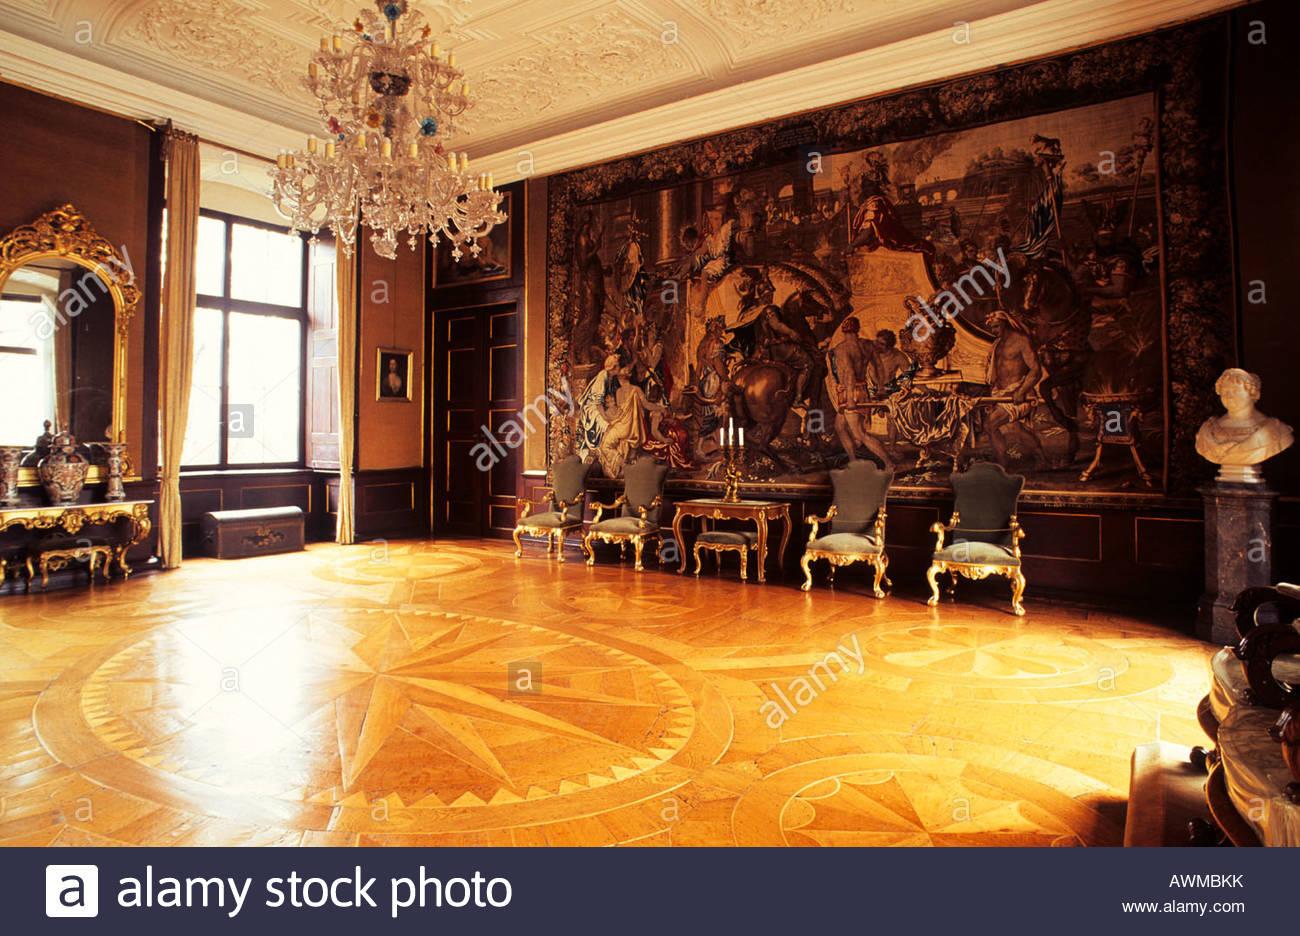 Fußboden Verlegen Detmold ~ Fußboden verlegen detmold profi holz lackstift retuschierstift